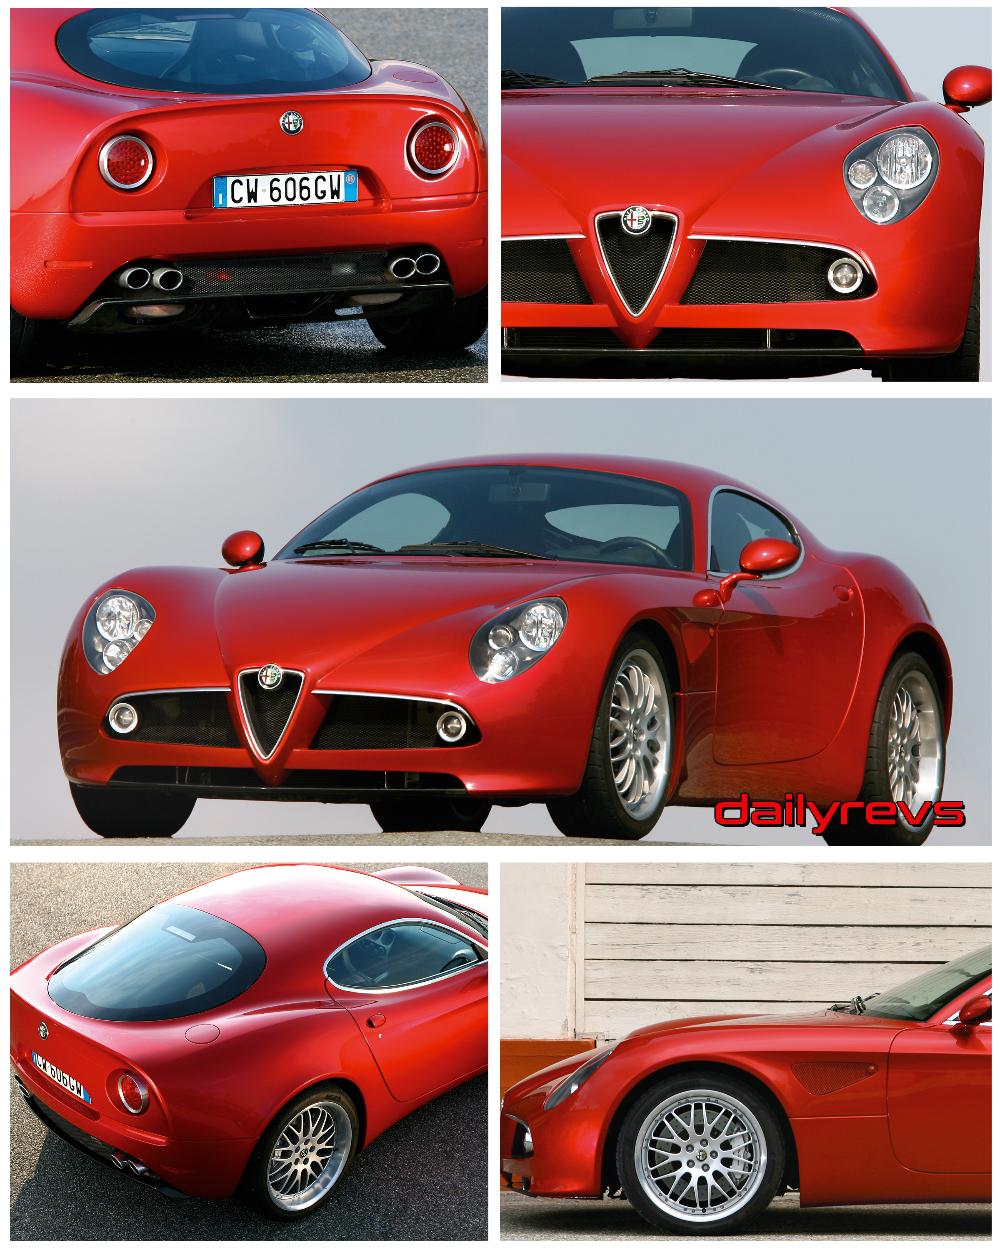 2007 Alfa Romeo 8c Competizione HD Pictures, Videos